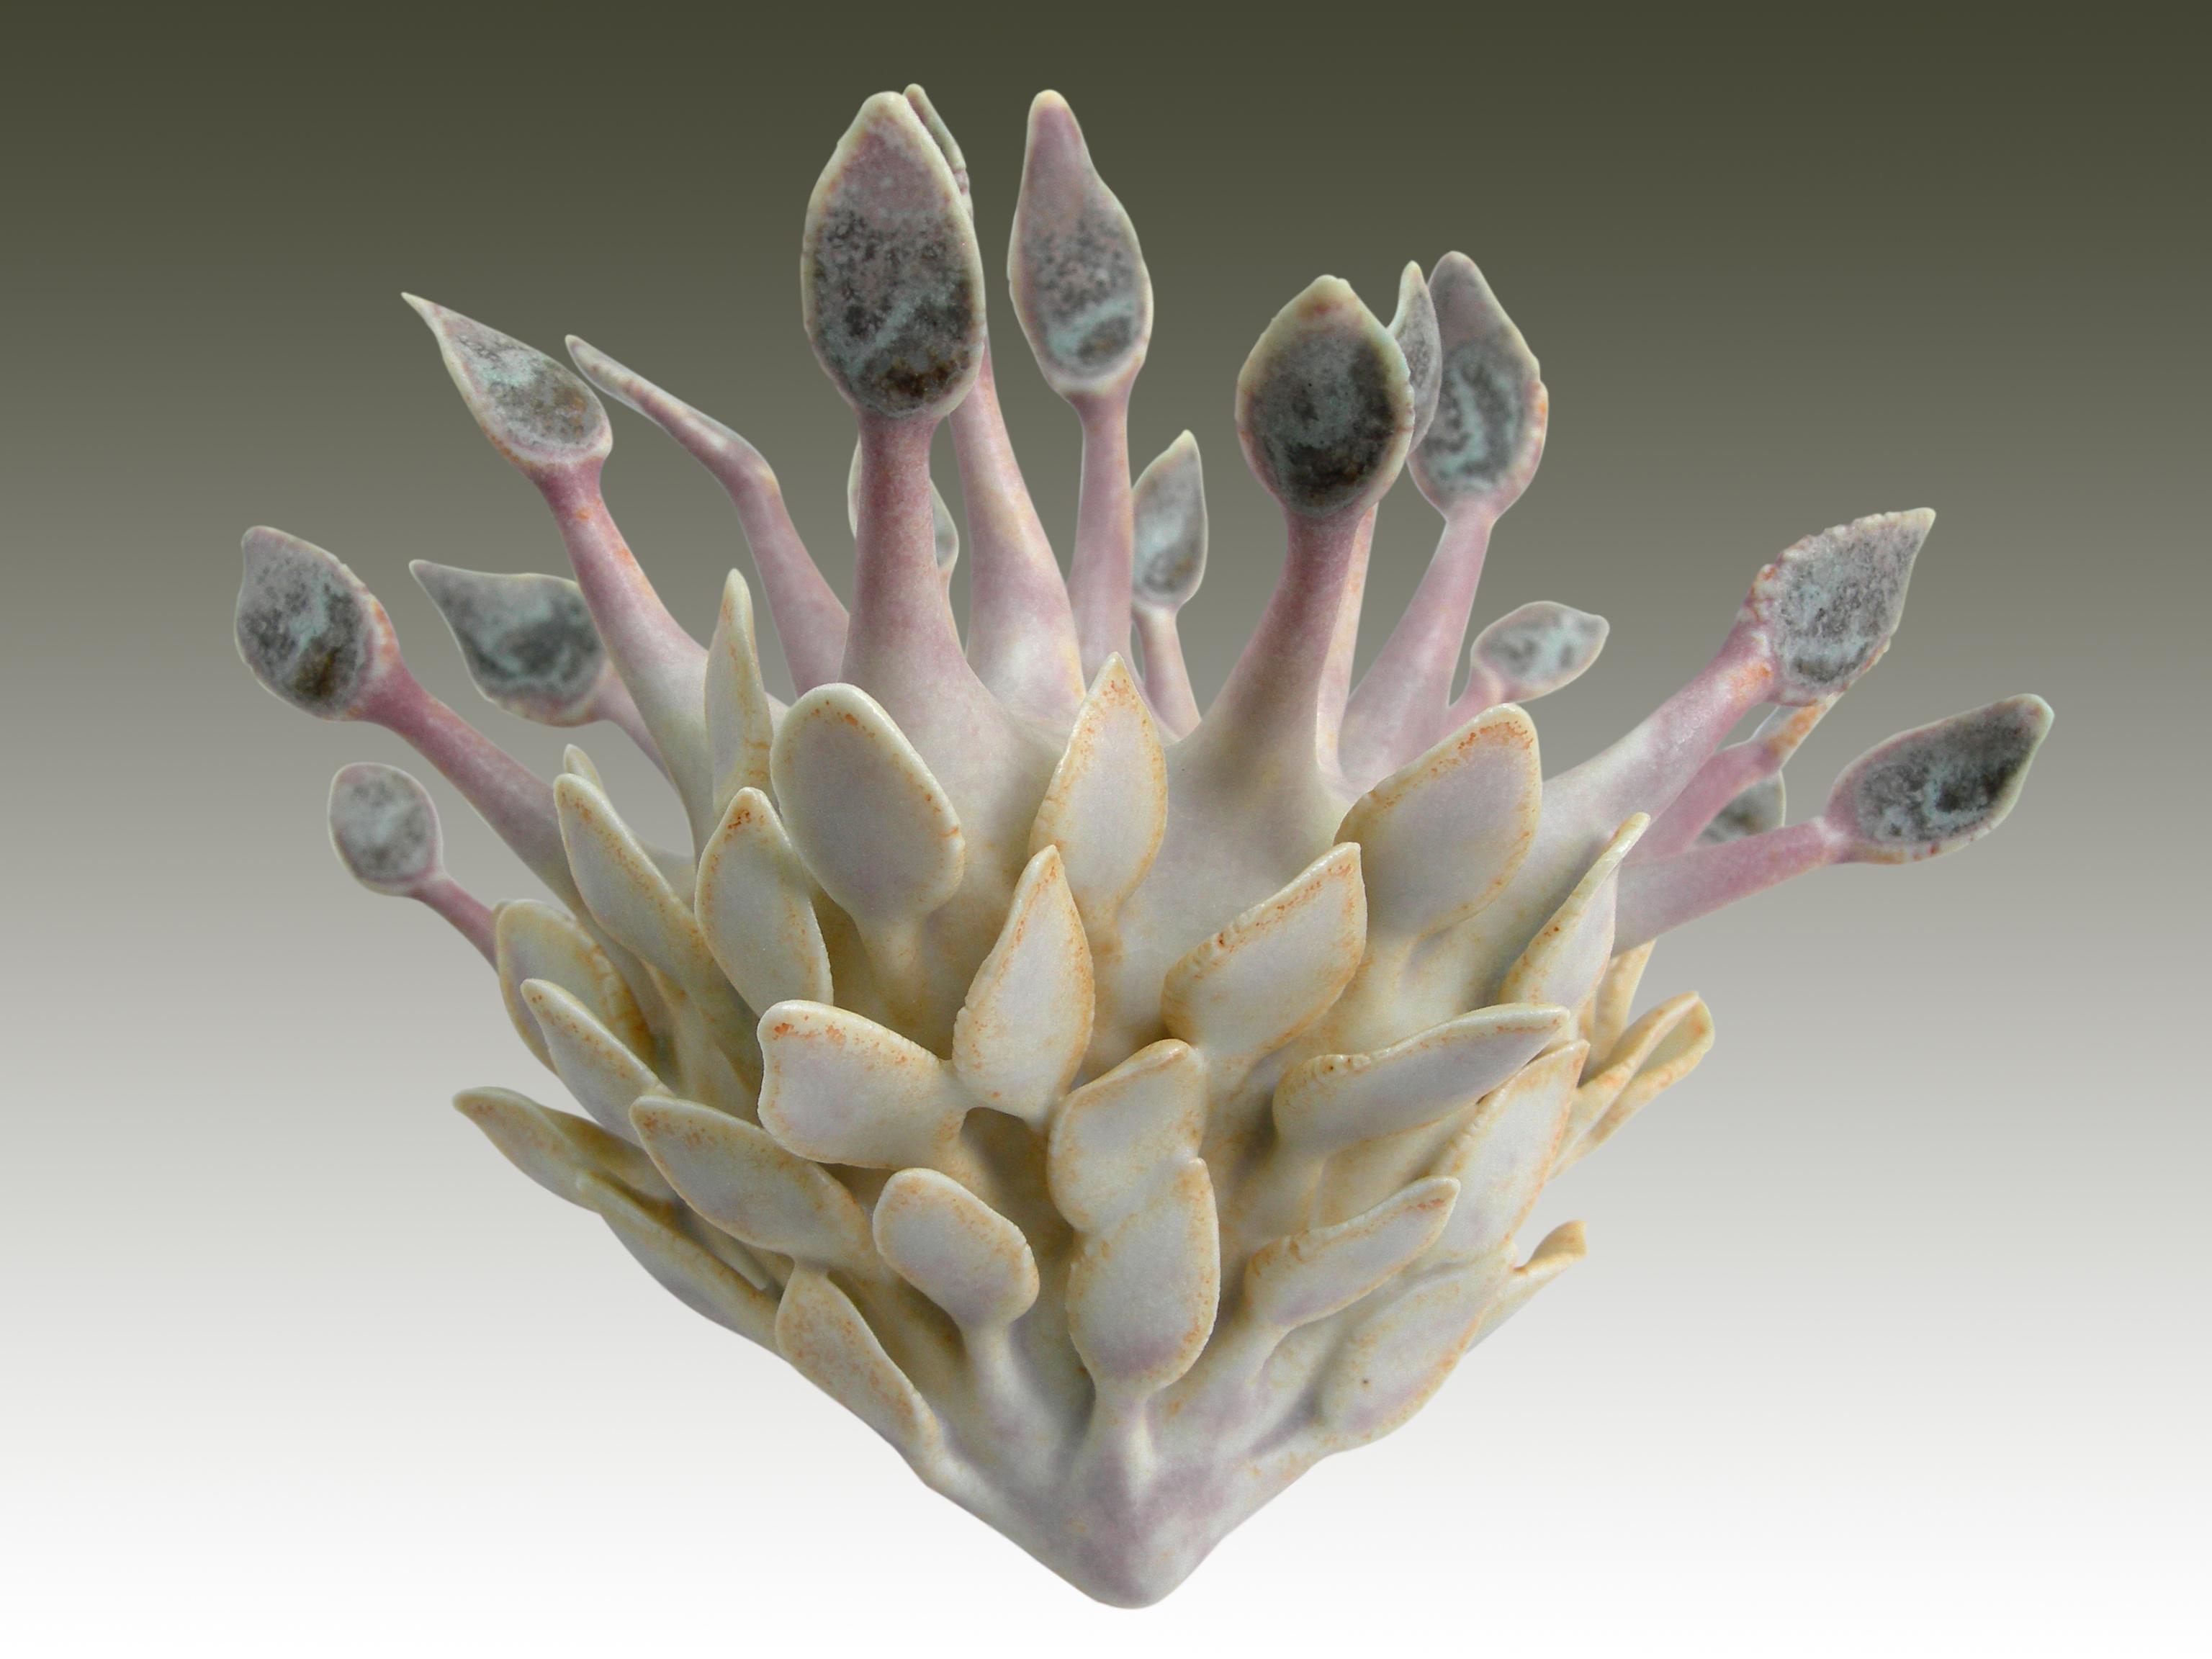 ascidianhastate